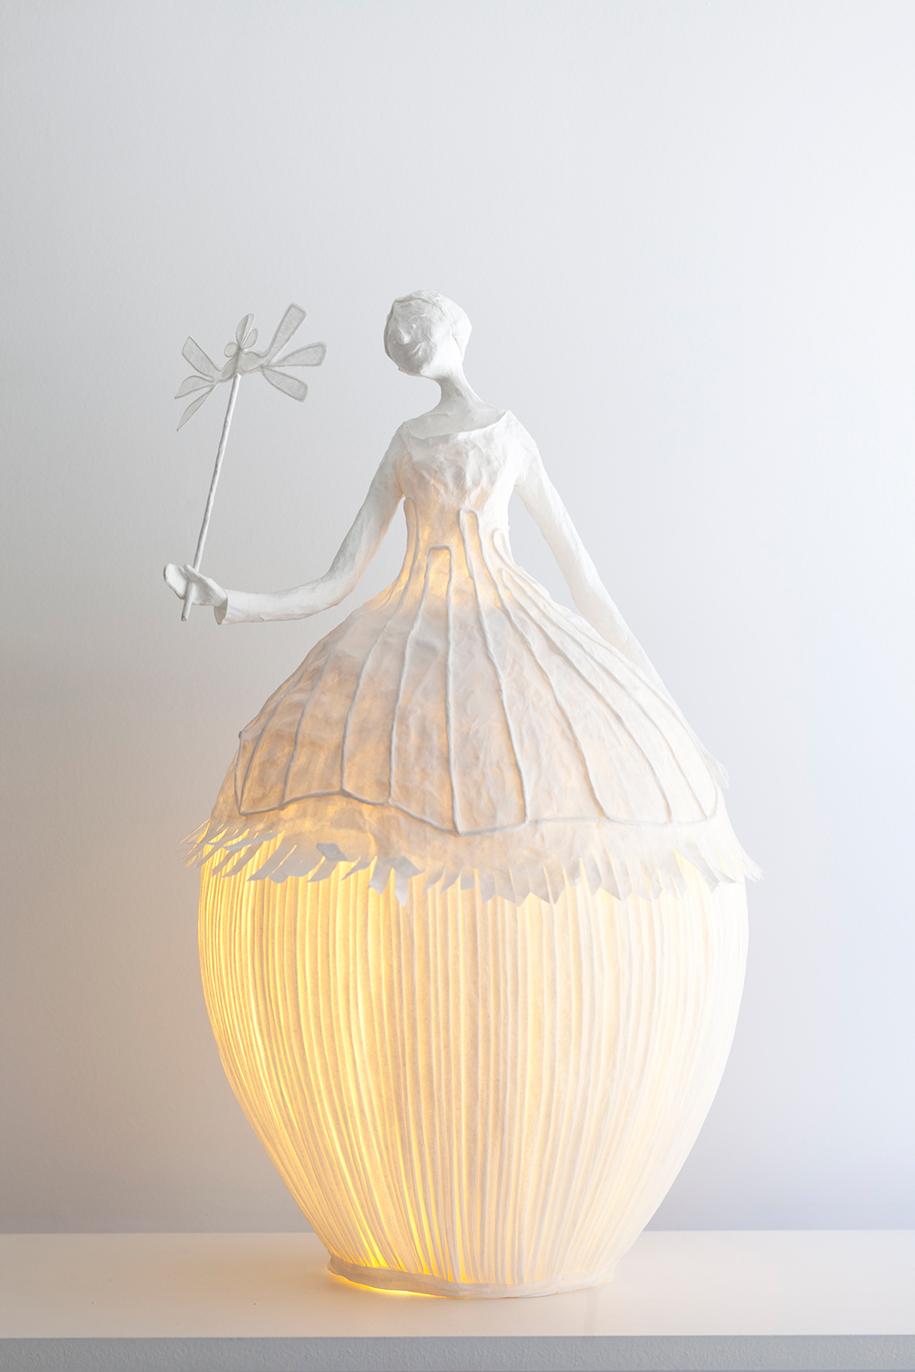 paper-lamps-sculpture-papier-a-etres-8